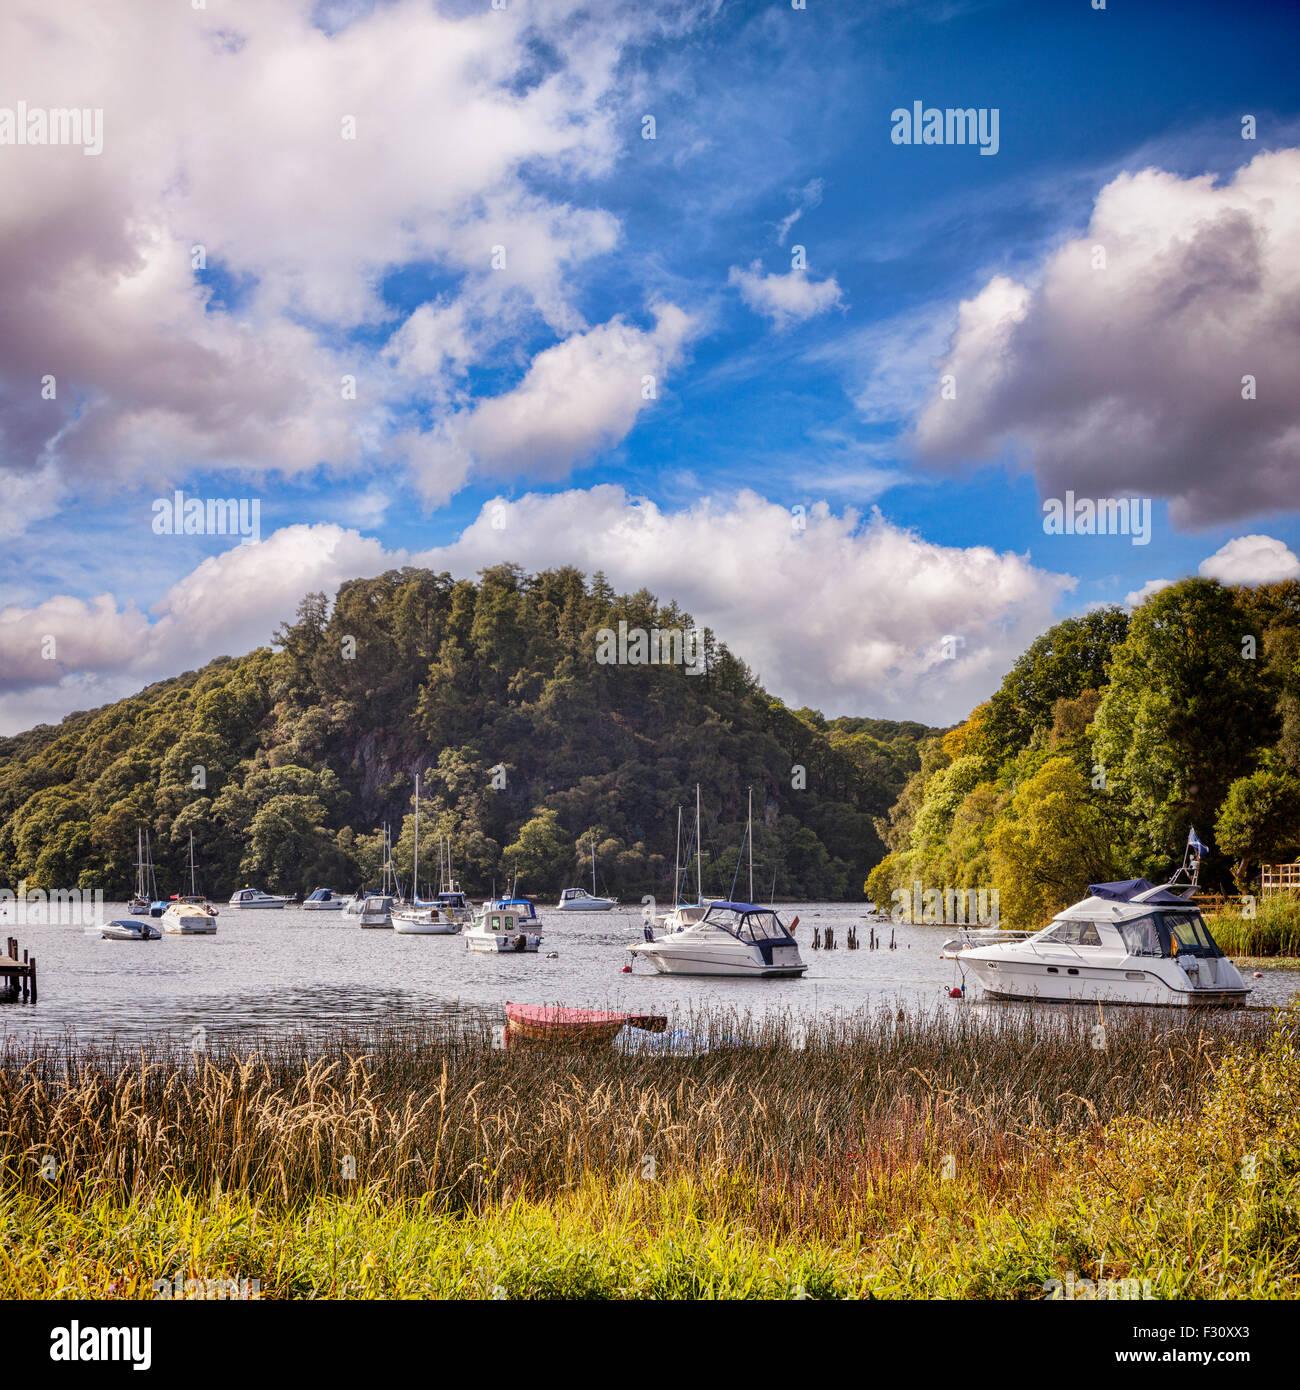 Hafen von Balmaha, Loch Lomond, Stirlingshire, Schottland. Stockbild